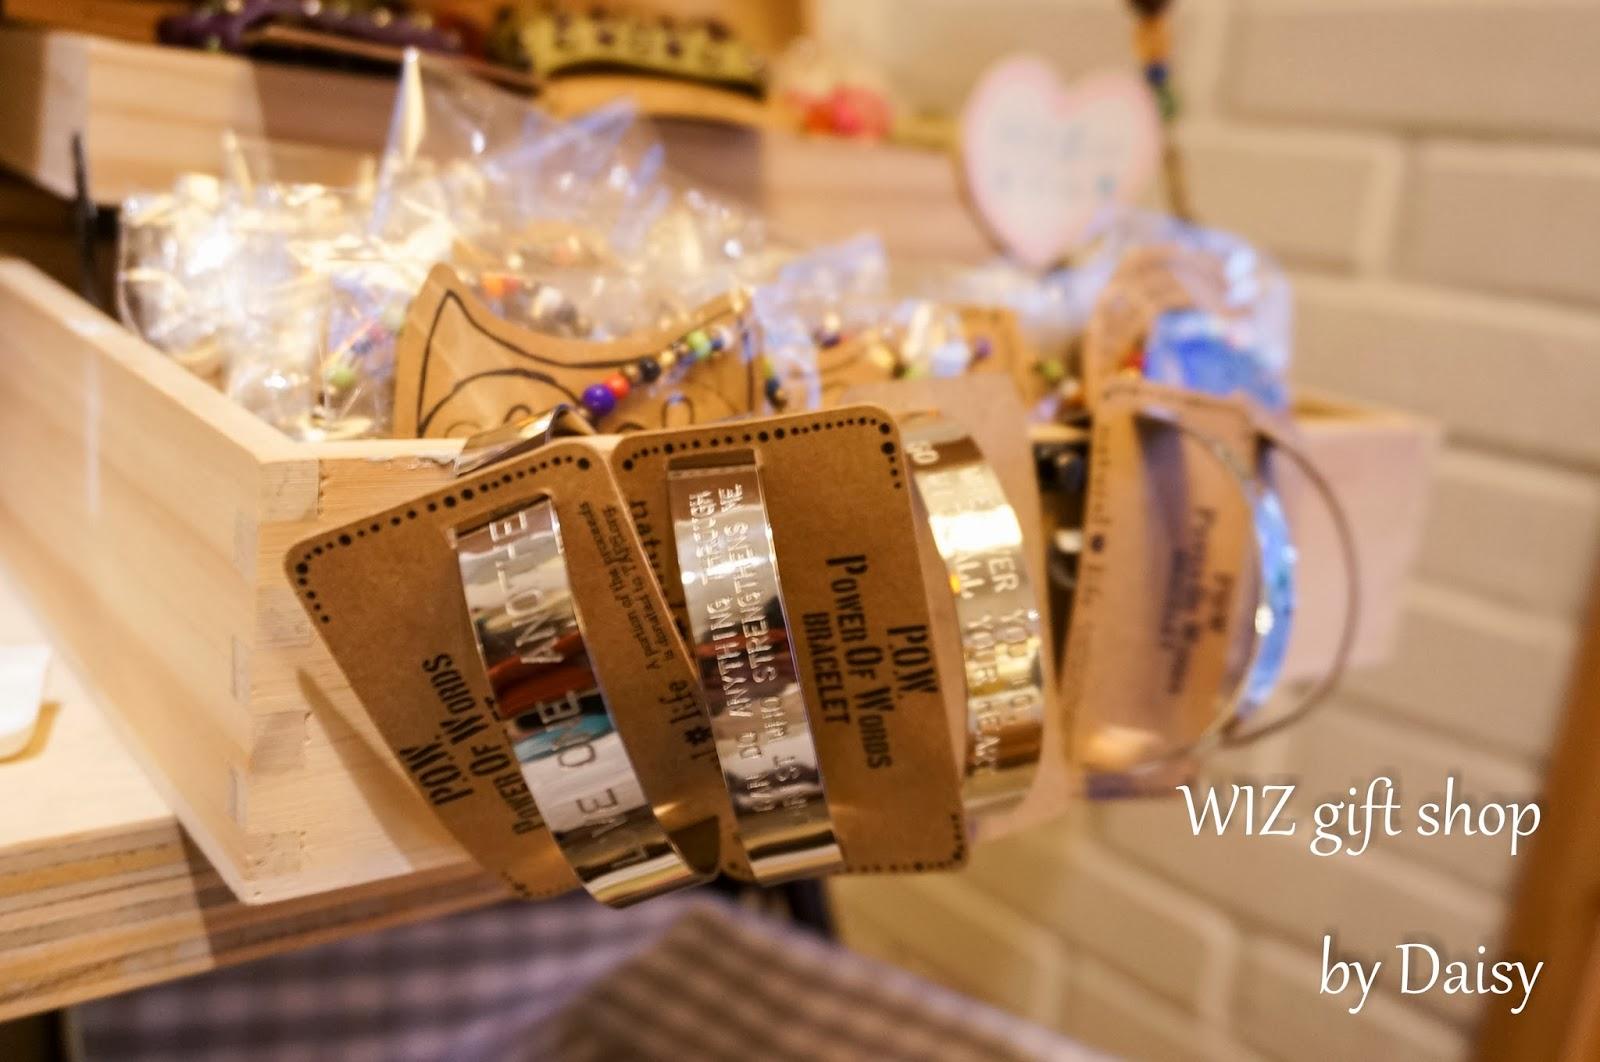 微禮, Wiz, 買禮物地方, 禮物推薦, 生日禮物, 聖誕禮物, 台北生日禮物店